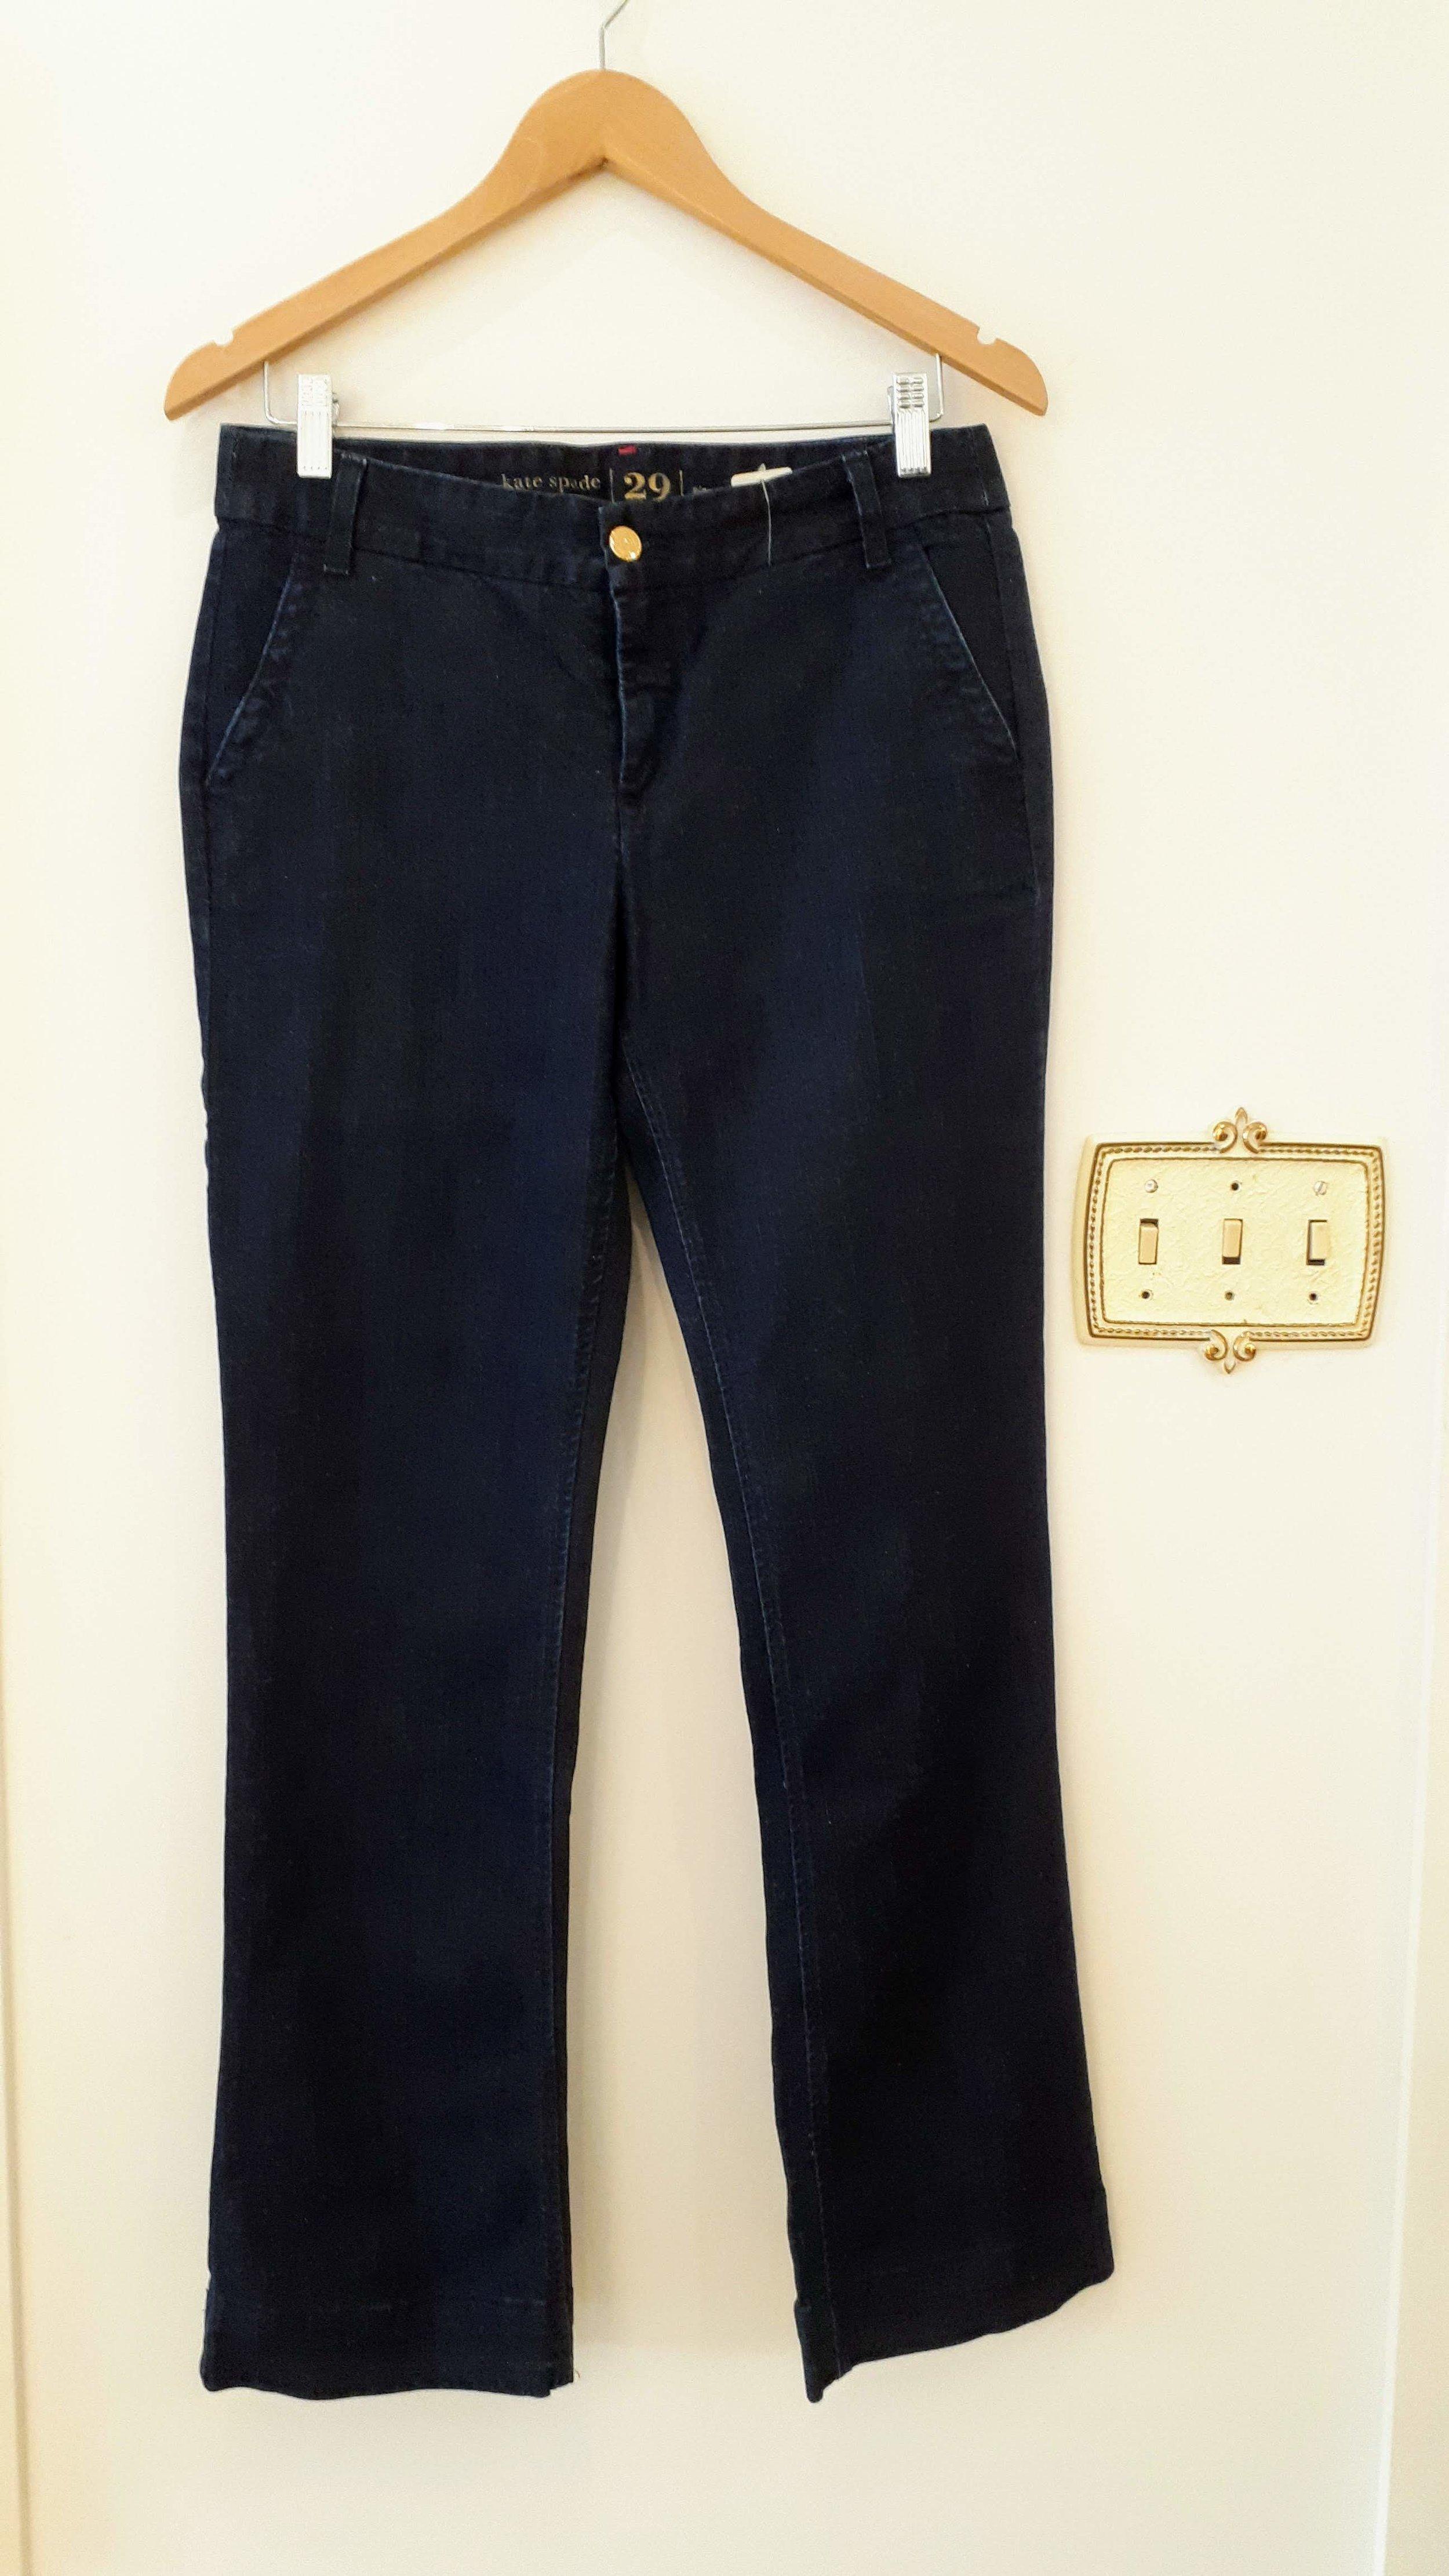 Kate Spade pants; Size 29, $65